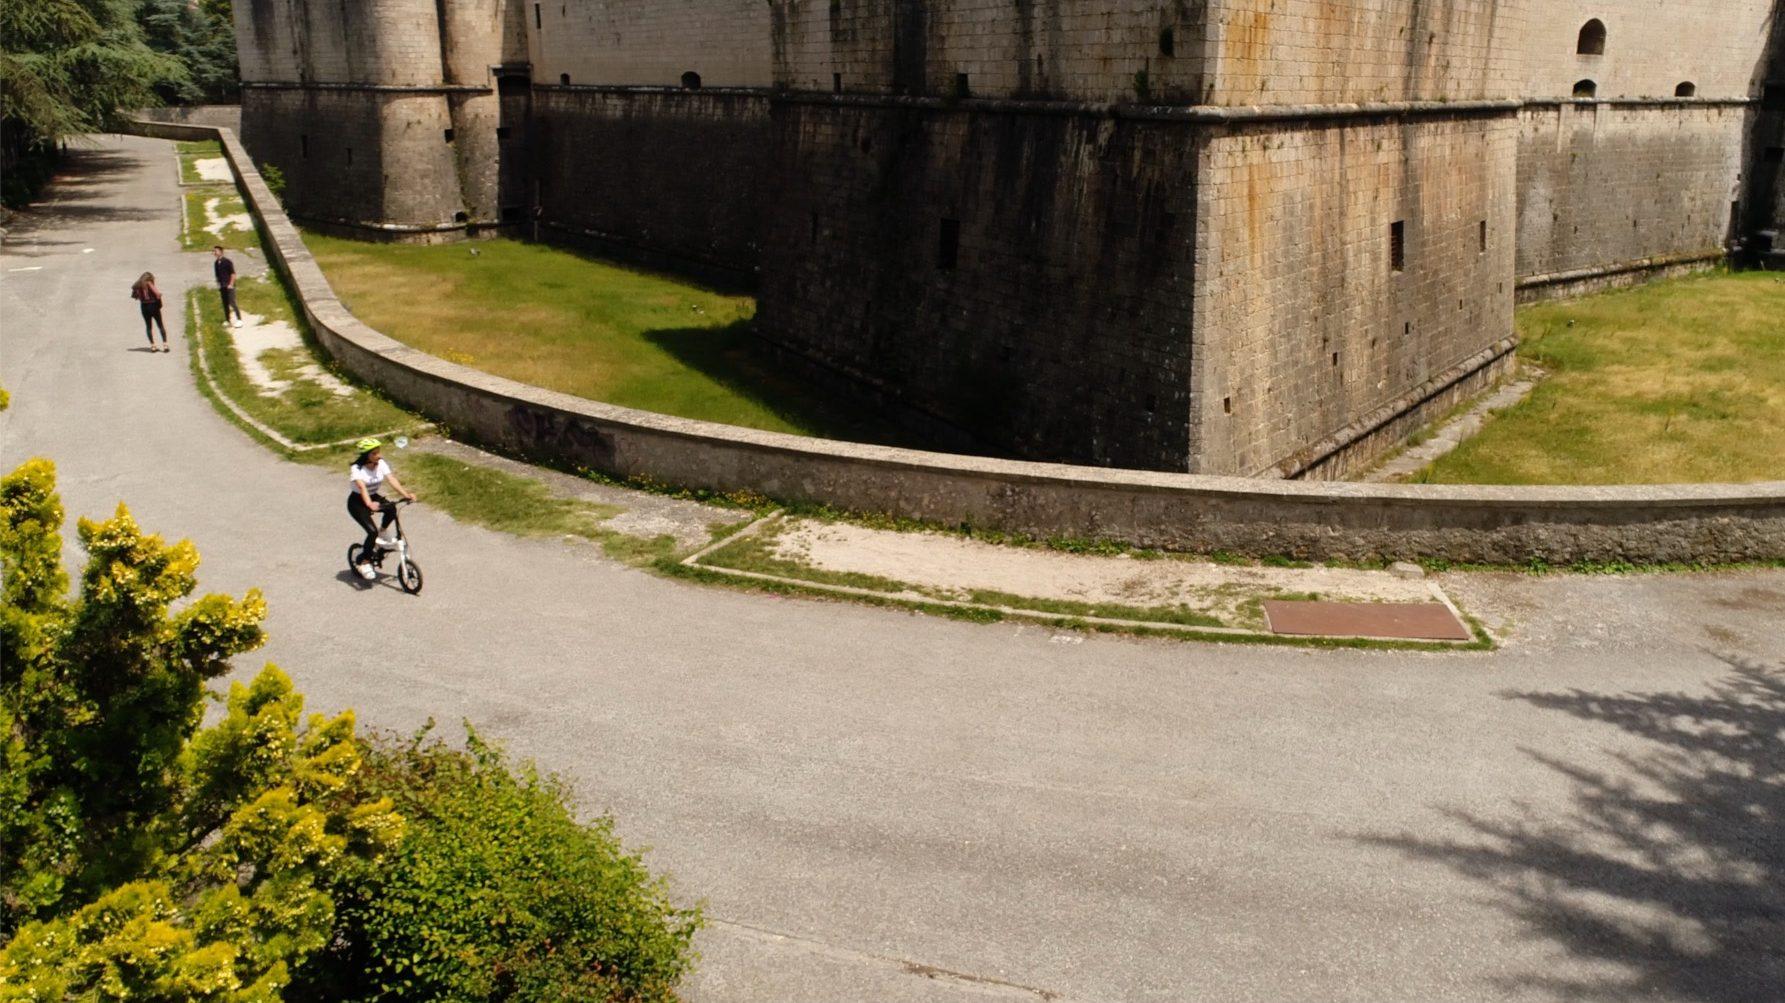 riprese droni roma castello medievale bicicletta ragazza